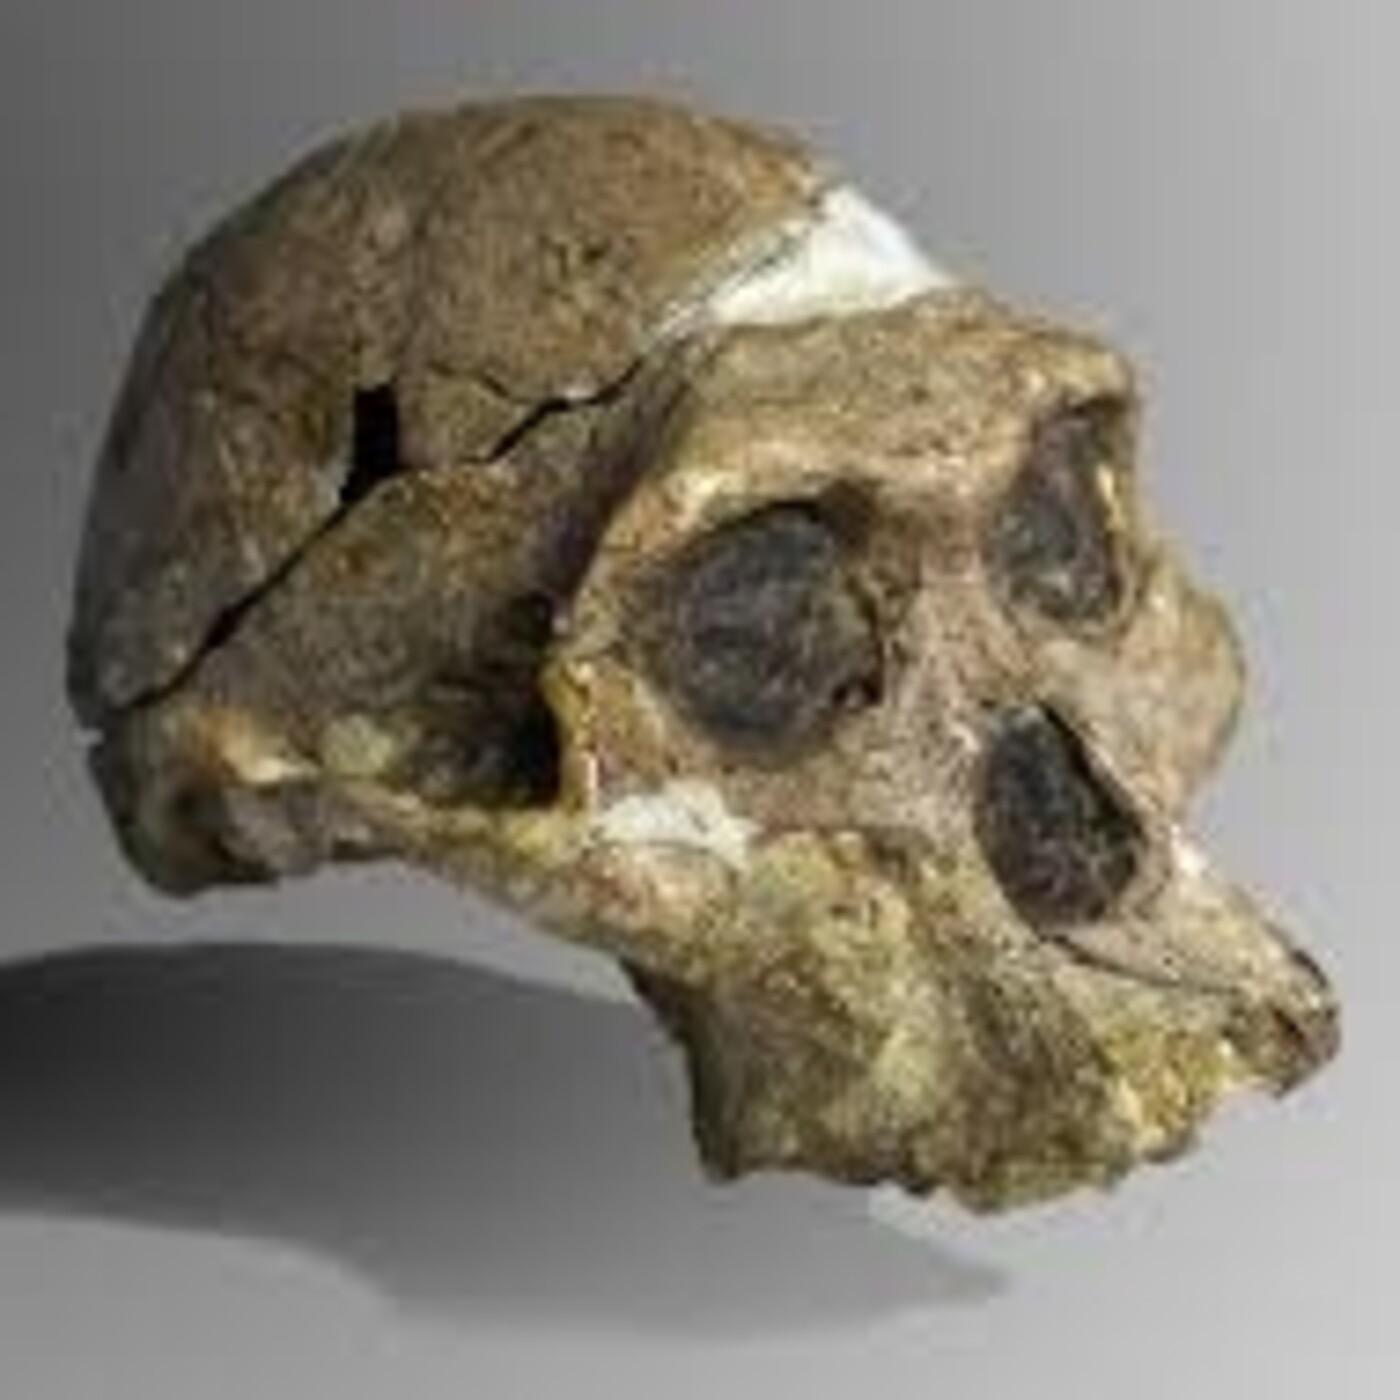 241 - Rep. Evolución Humana 1: El Misterio del Origen Humano